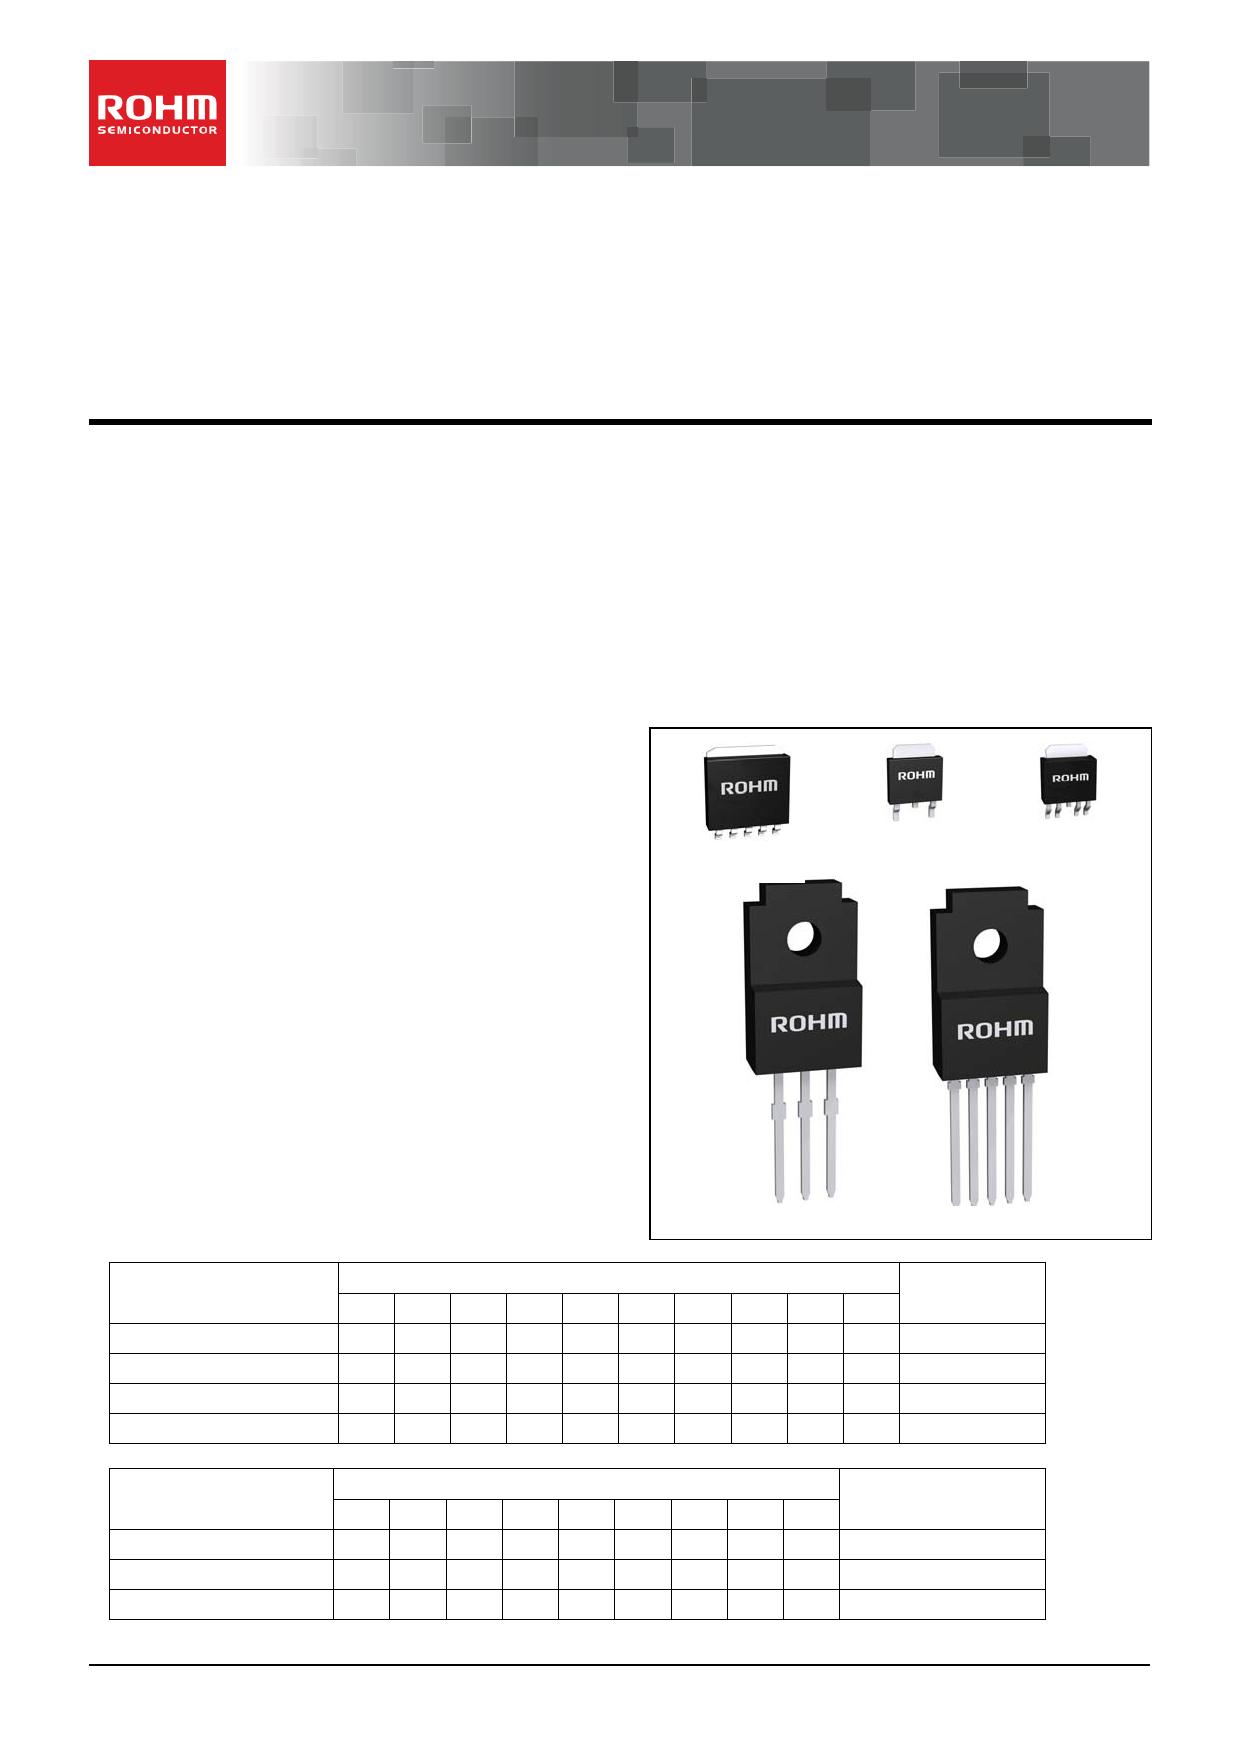 BA033CC0FP datasheet